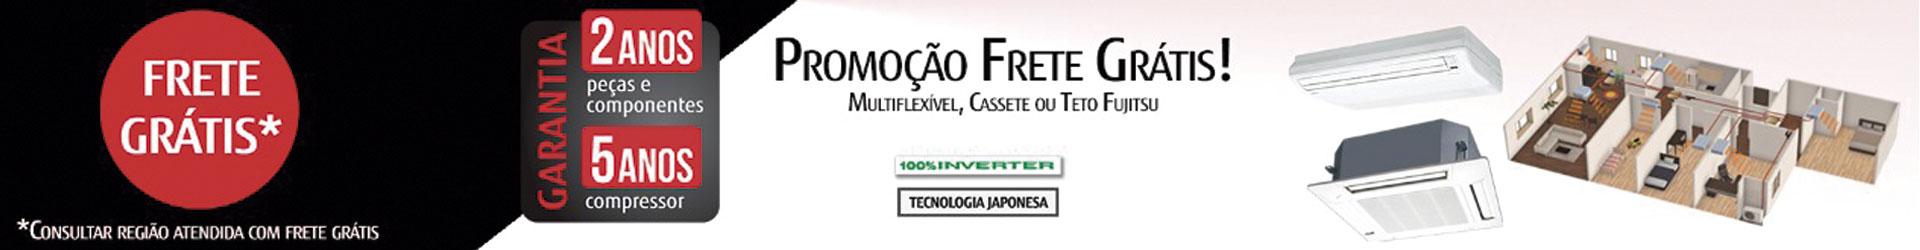 Banner Fujitsu-frete-gratis